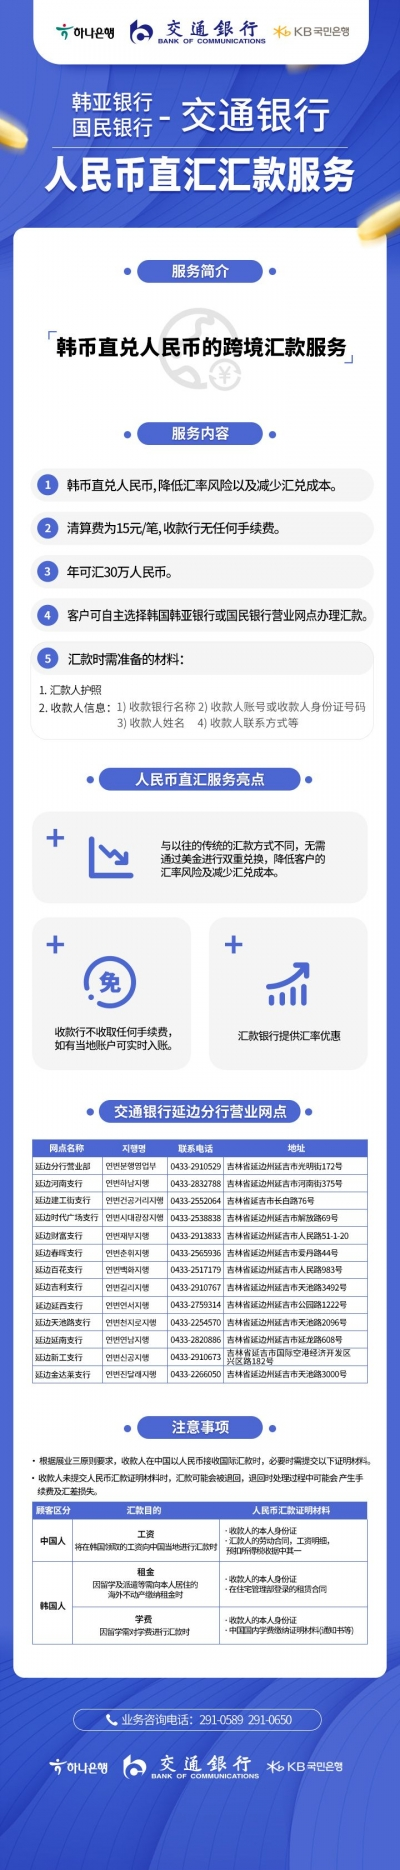 韩币直兑人民币的跨境汇款服务